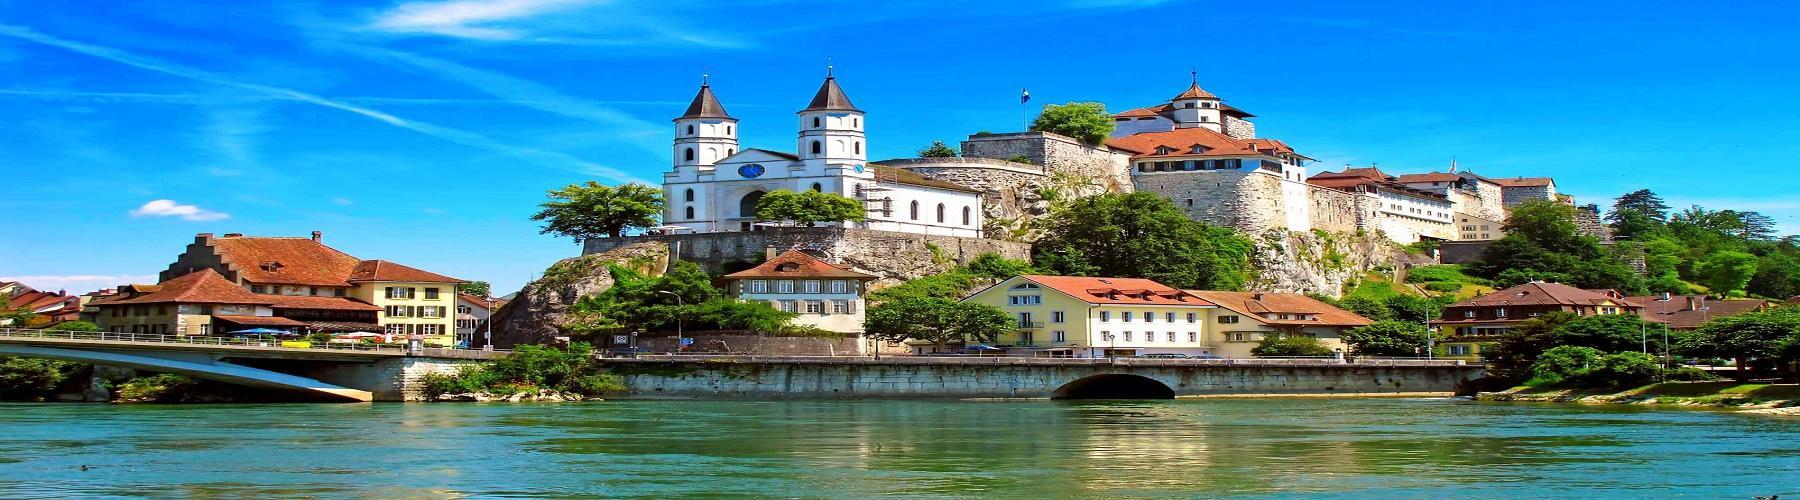 Отдых в Швейцарии для самостоятельных путешественников